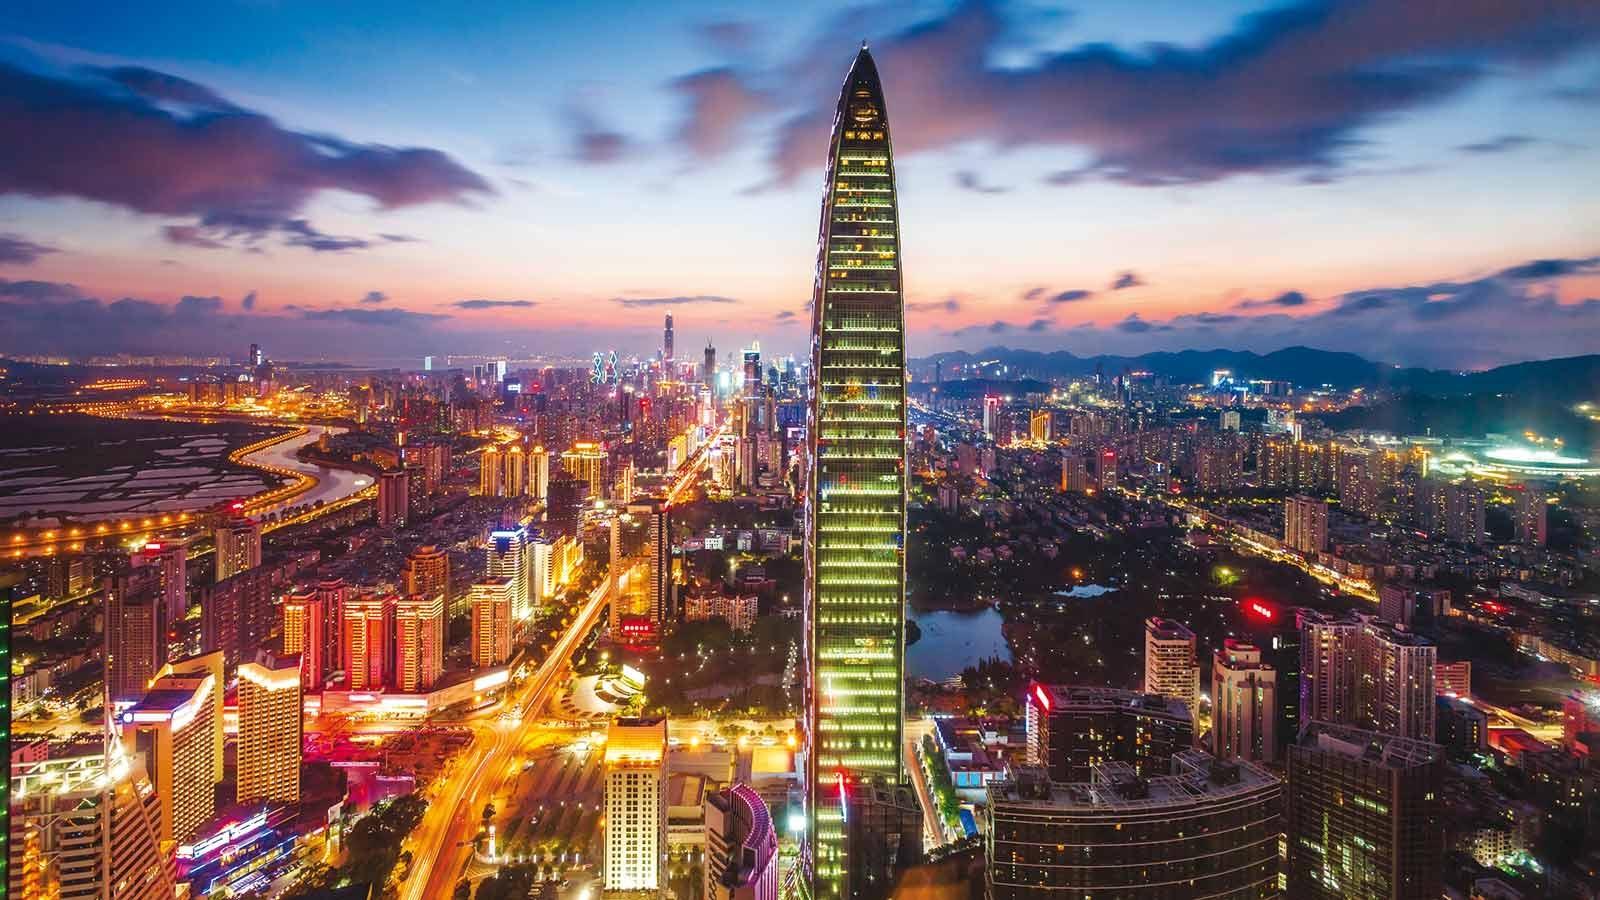 Шэньчжэнь: от 30-тысячного посёлка до 11-миллионного города будущего - 1